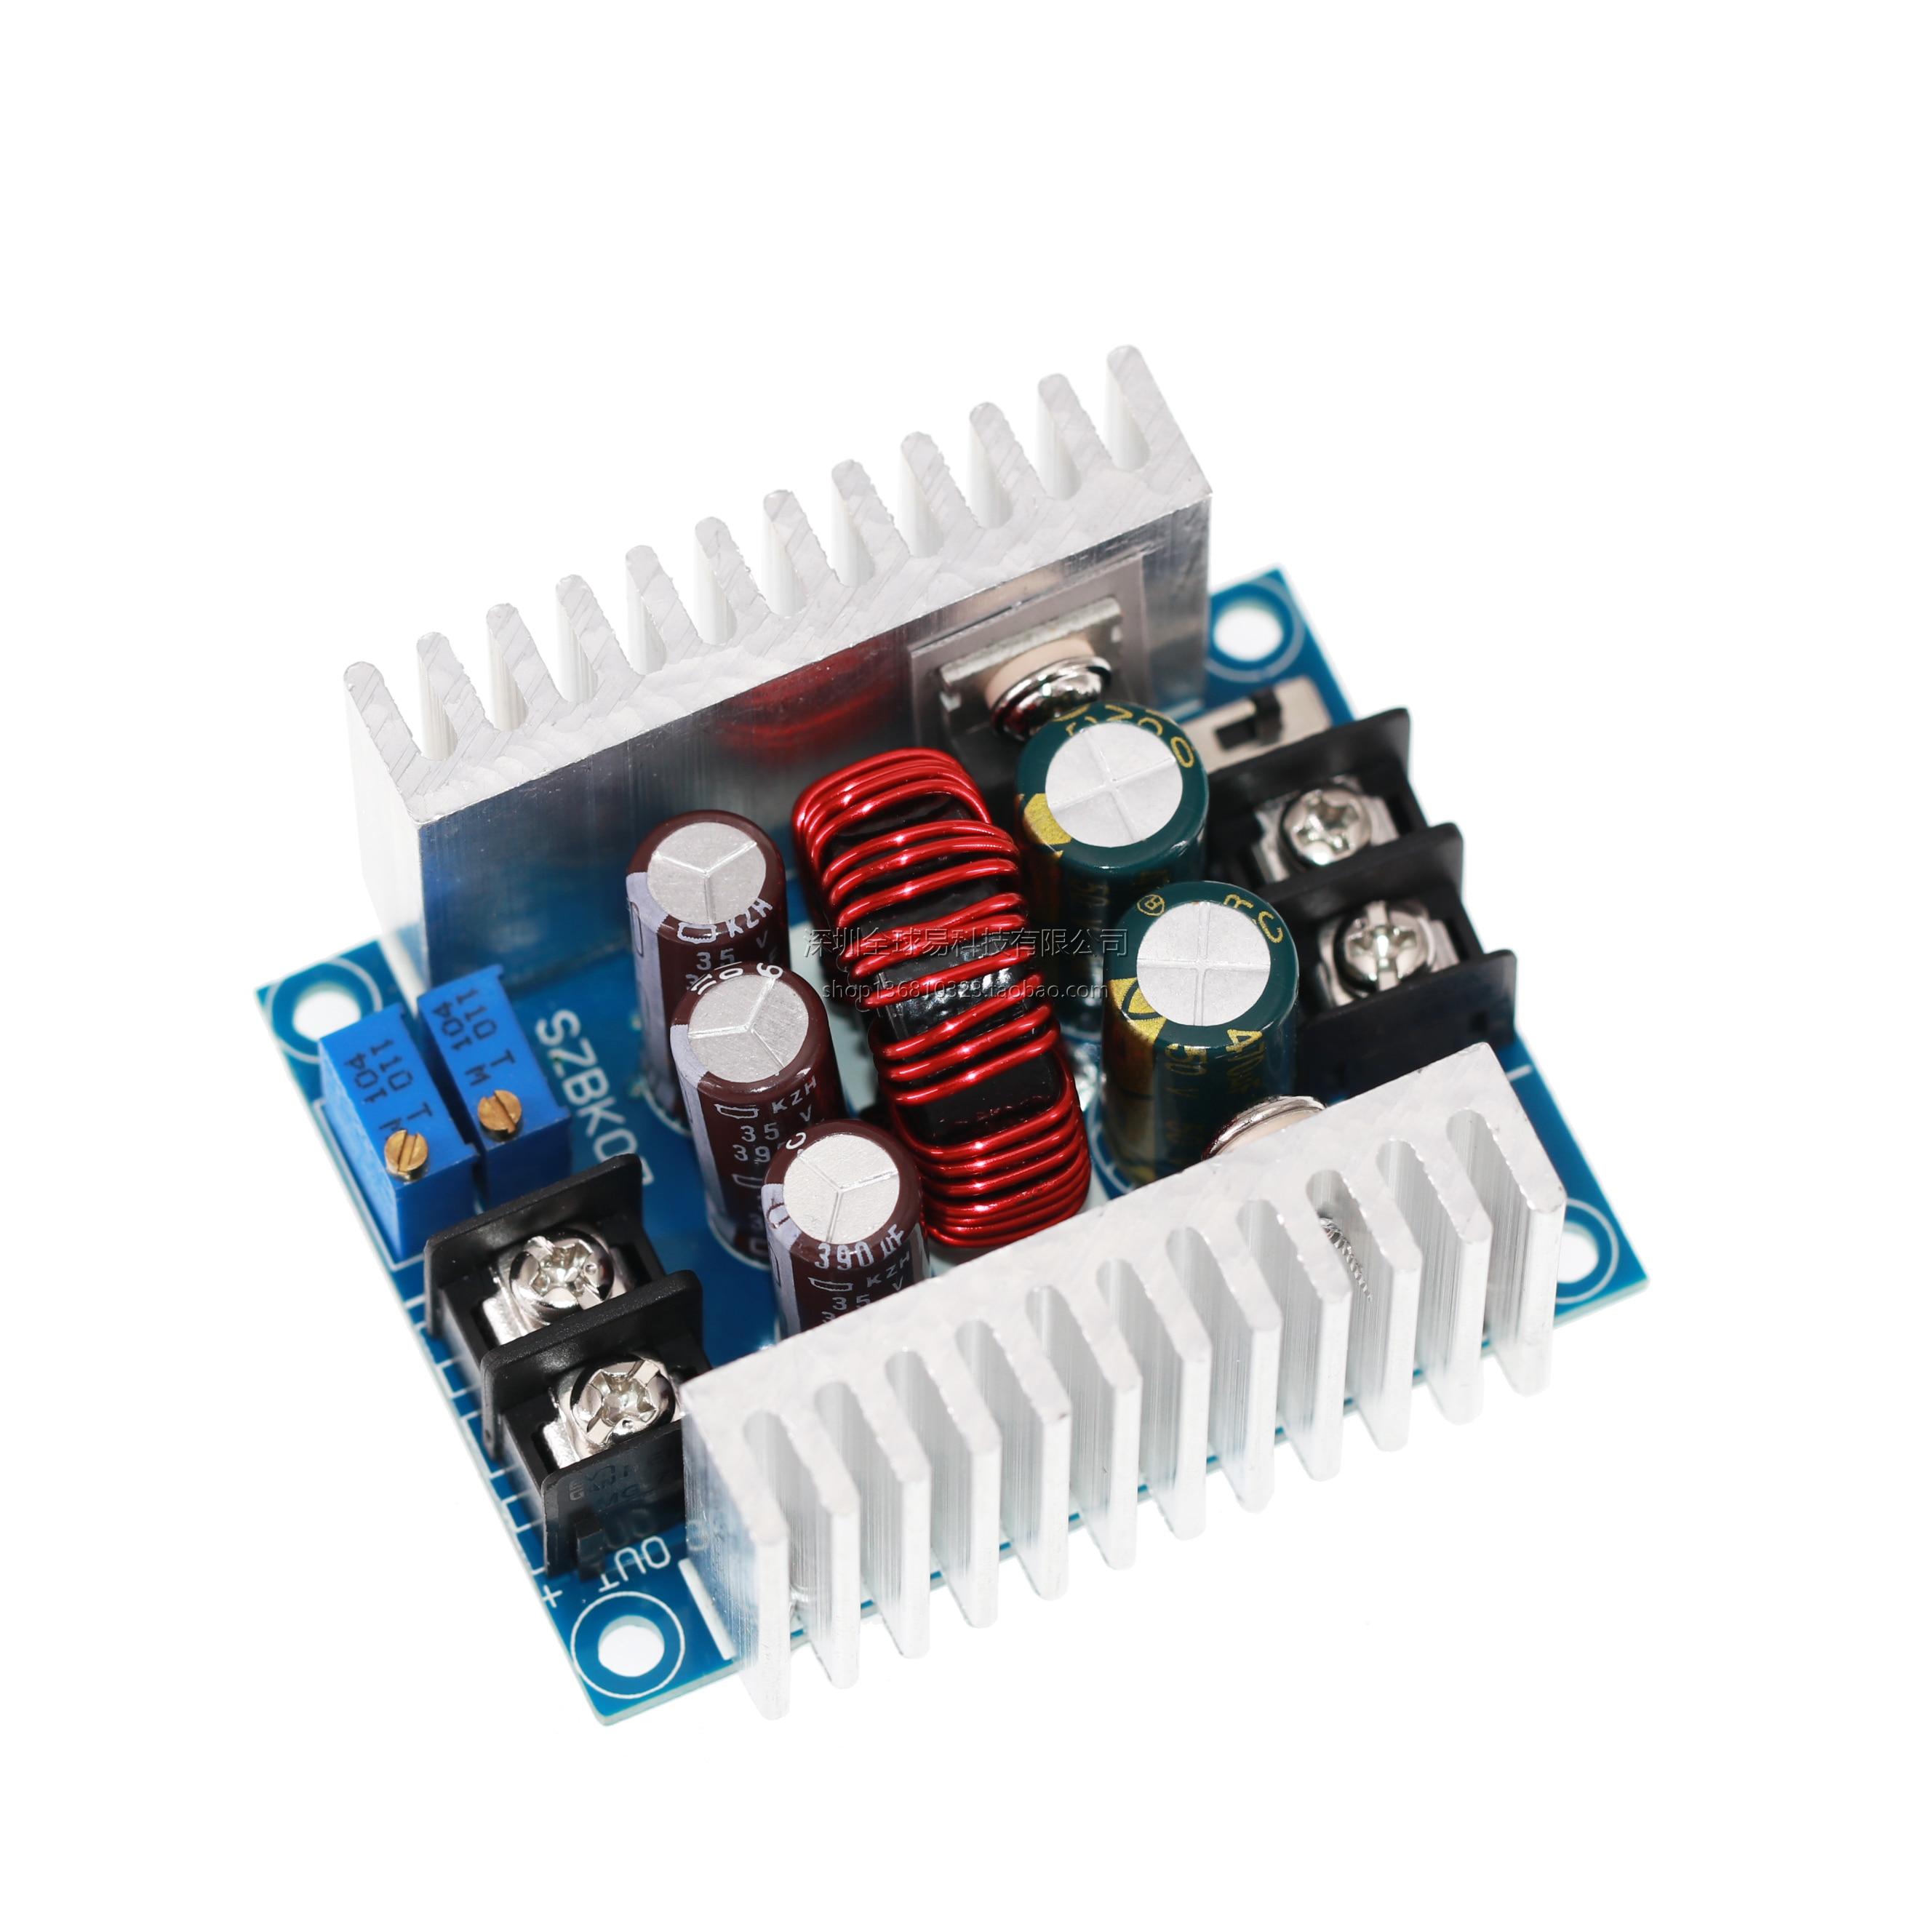 Понижающий преобразователь напряжения 300 Вт 20 А, понижающий модуль с драйвером постоянного тока для светодиода, модуль пониженного напряже...